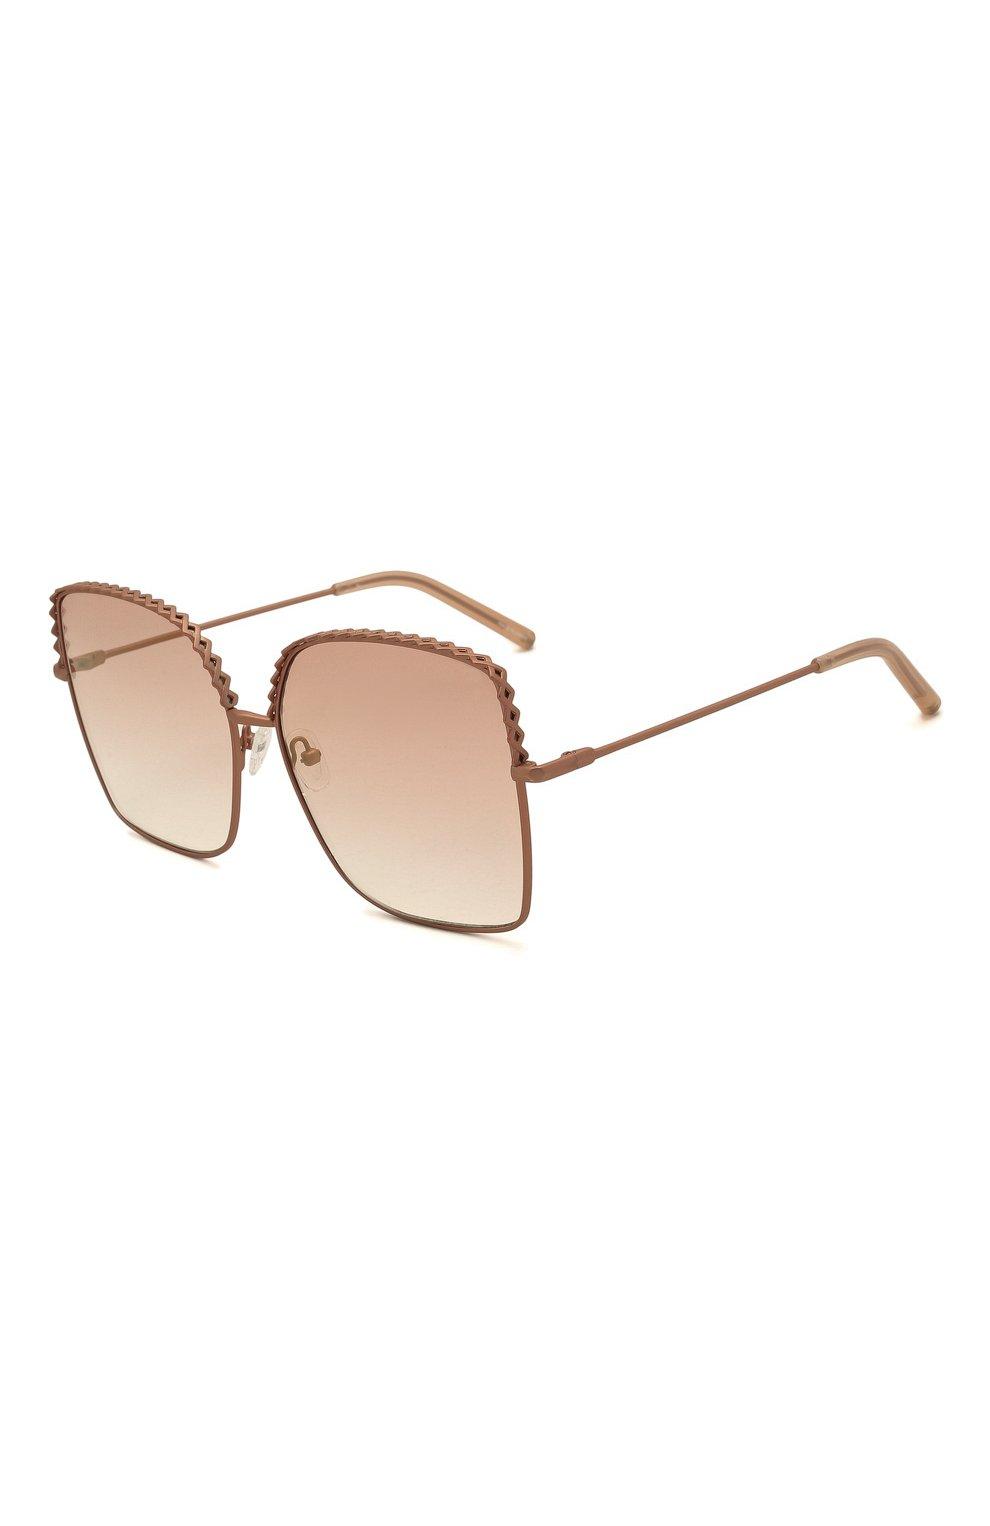 Женские солнцезащитные очки MATTHEW WILLIAMSON розового цвета, арт. MW276C6 SUN   Фото 1 (Тип очков: С/з; Оптика Гендер: оптика-женское; Очки форма: Бабочка)